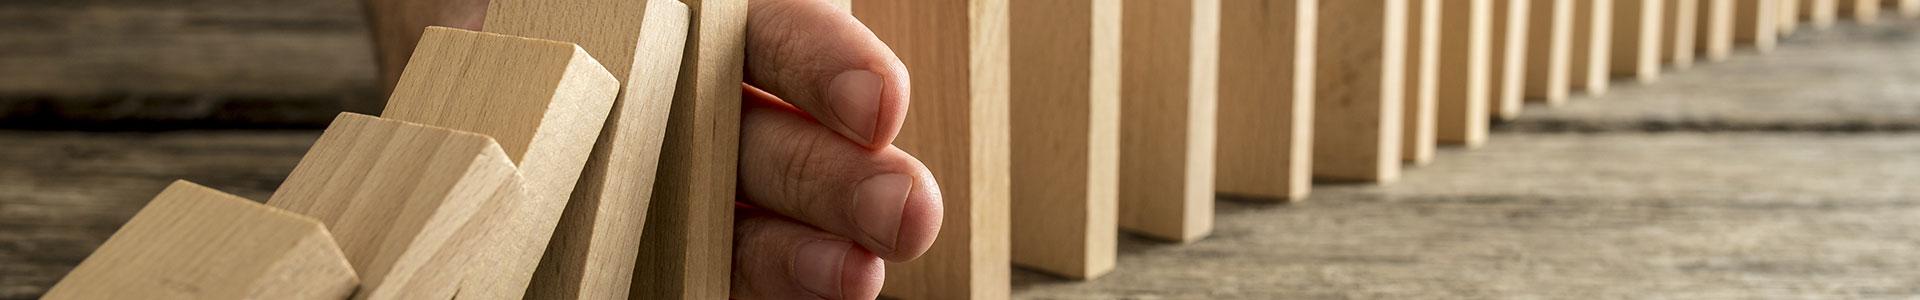 Holz_Domino